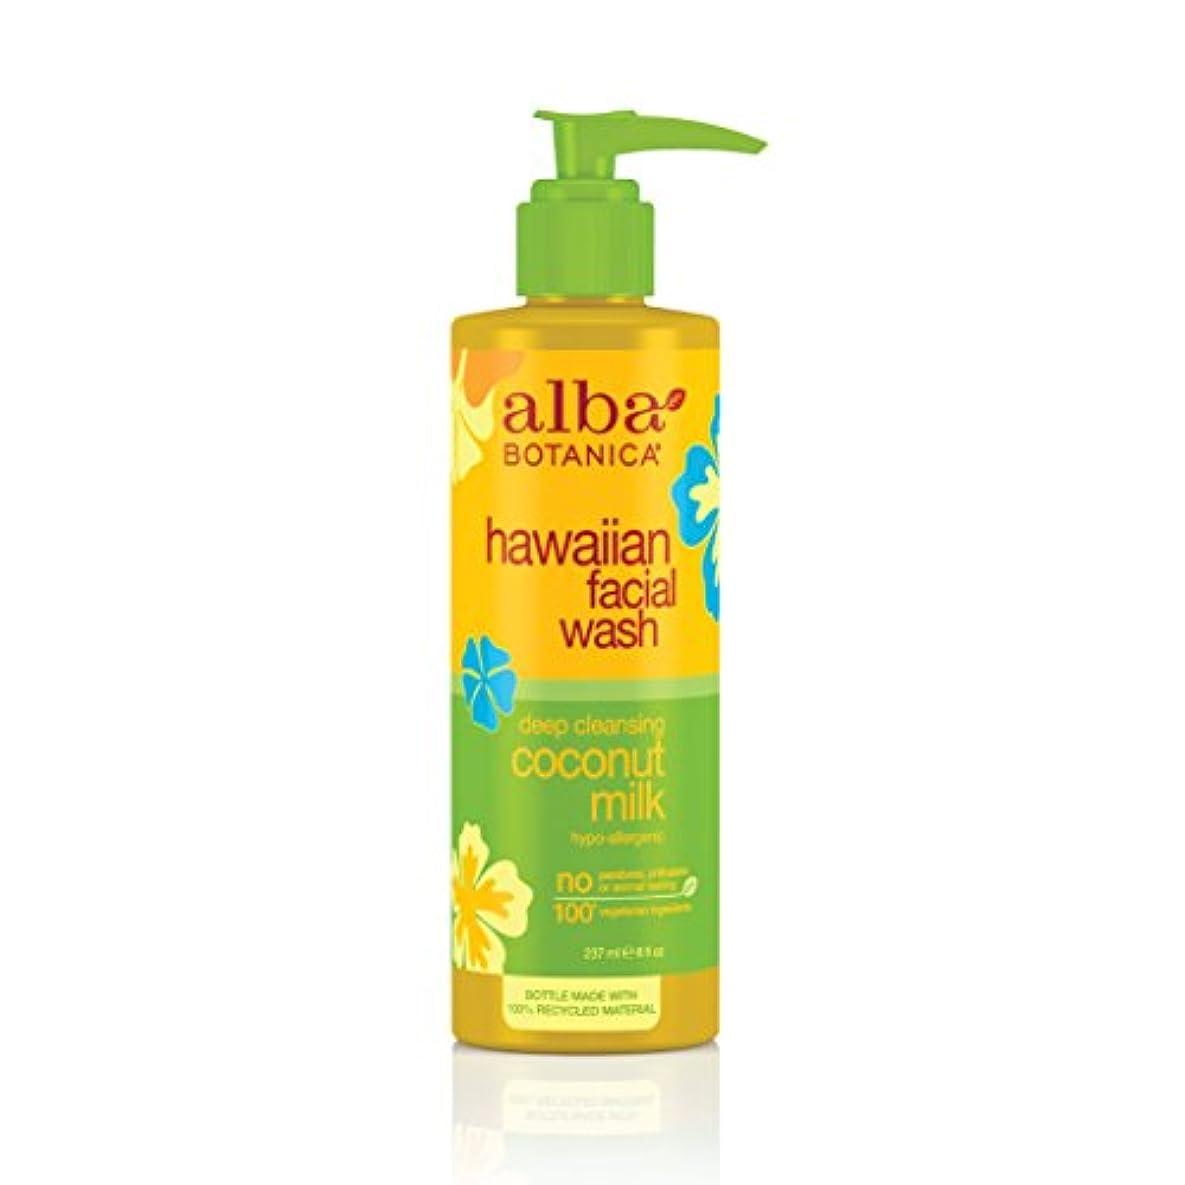 マラソン先駆者装置Alba Botanica Coconut Milk Facial Wash 235 ml (並行輸入品)